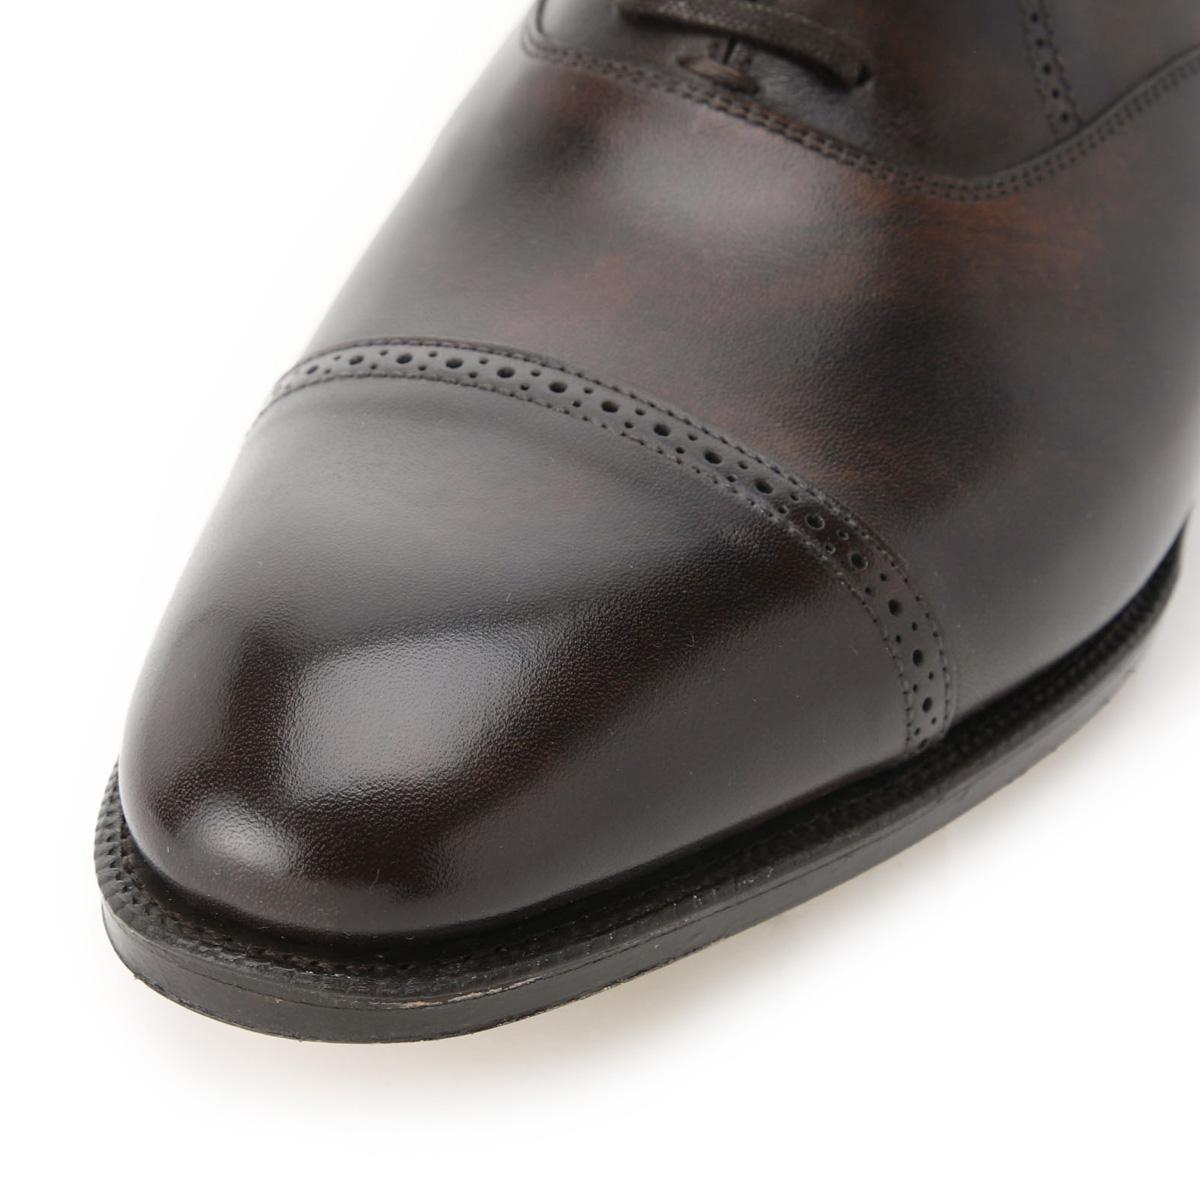 【タイムセール SHOS】JOHN LOBB ジョンロブ 内羽根式シューズ/ストレートチップシューズ 革靴/PHILIP 2 フィリップ 2 ラスト 7000【大きいサイズあり】 メンズ